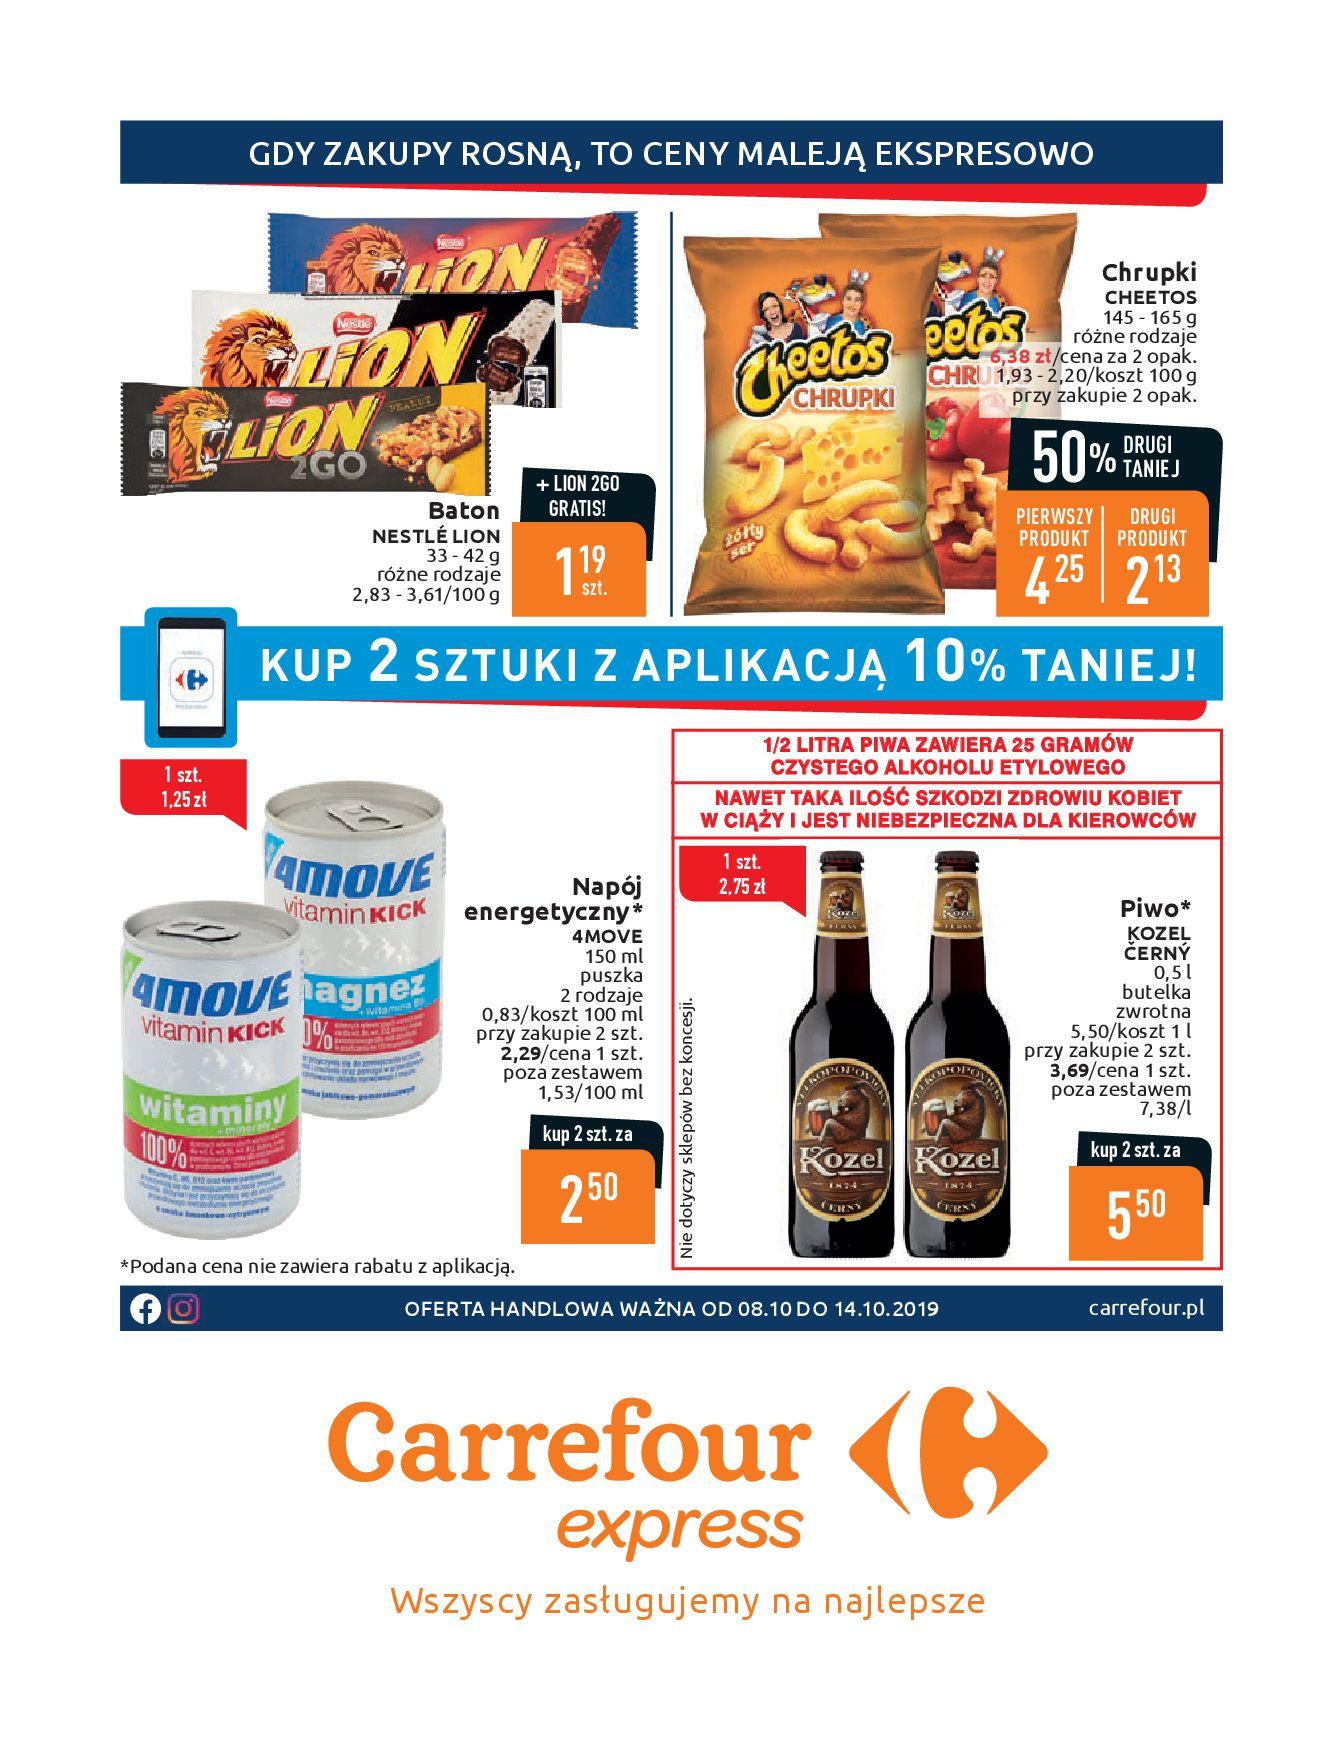 Gazetka Carrefour Express - Gdy zakupy rosną, to ceny maleją ekspresowo-07.10.2019-14.10.2019-page-1